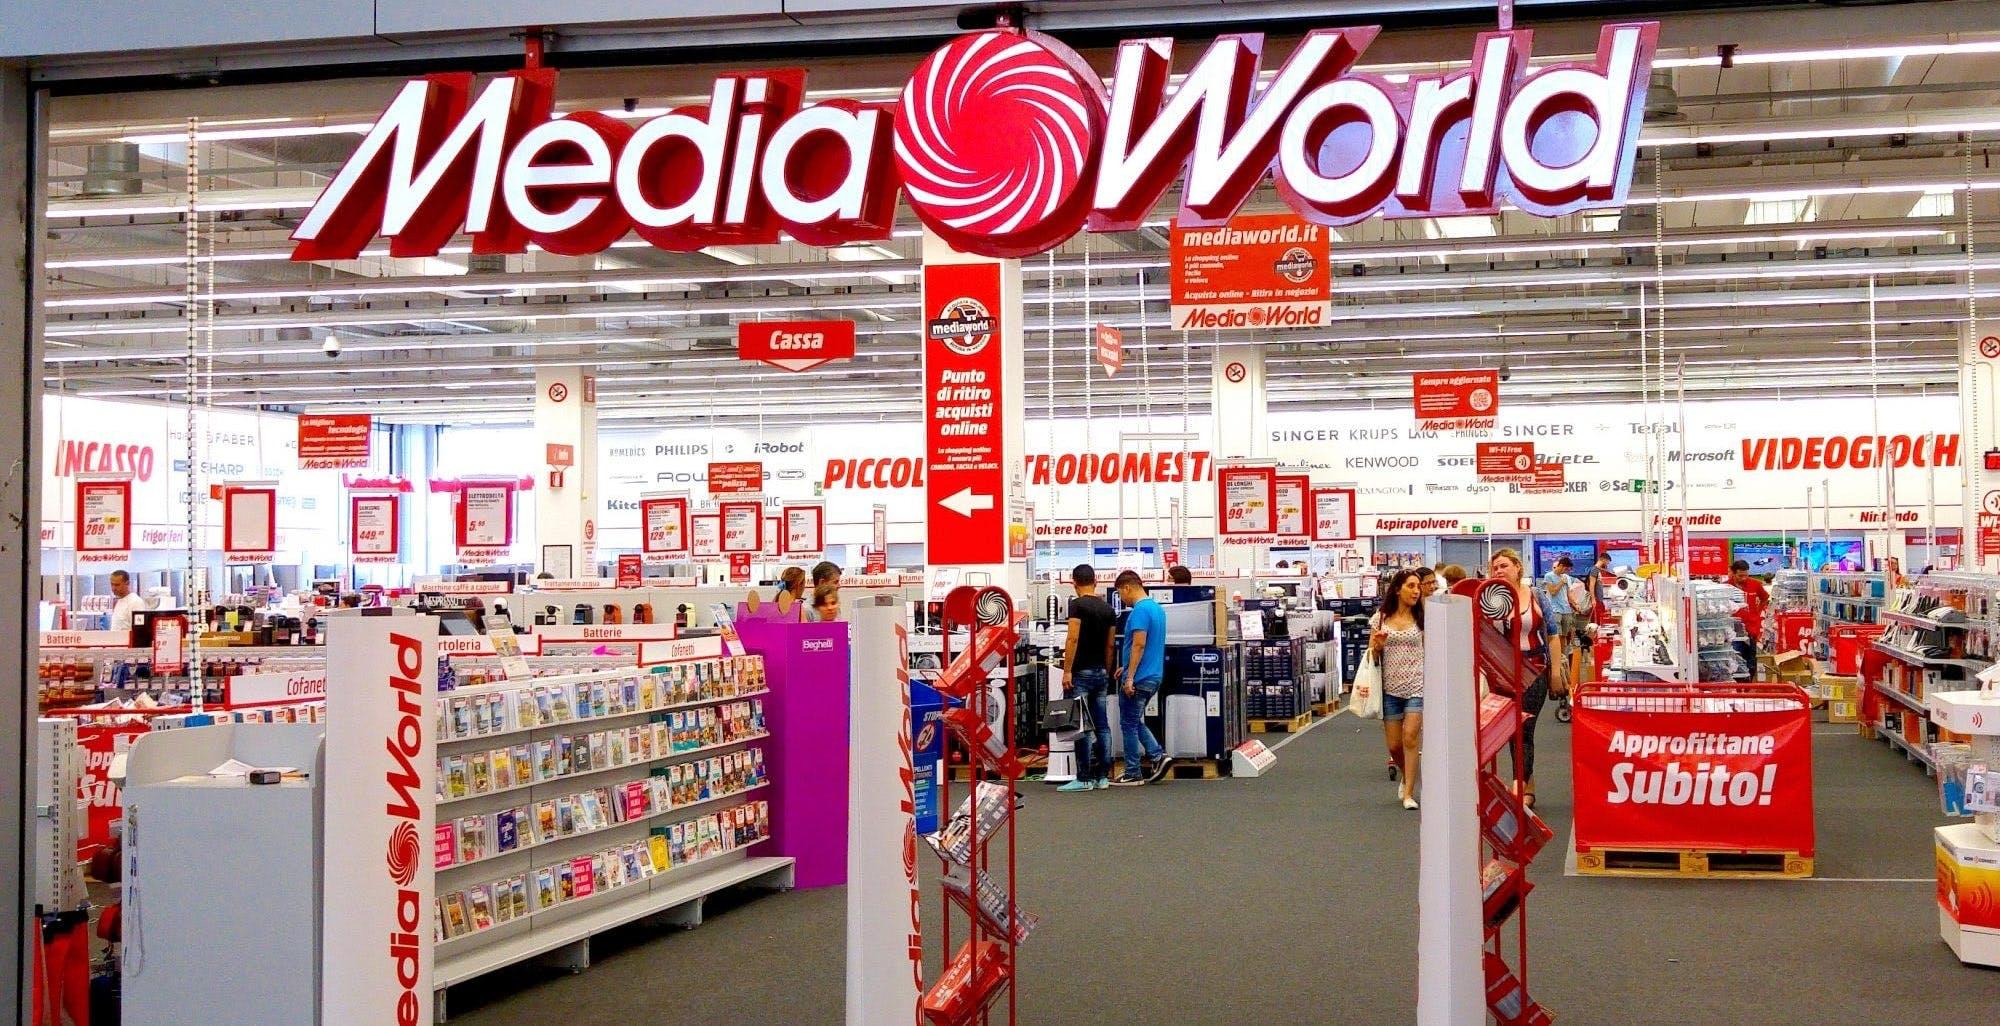 MediaWorld festeggia i trent'anni in Italia con l'apertura di tre nuovi punti vendita